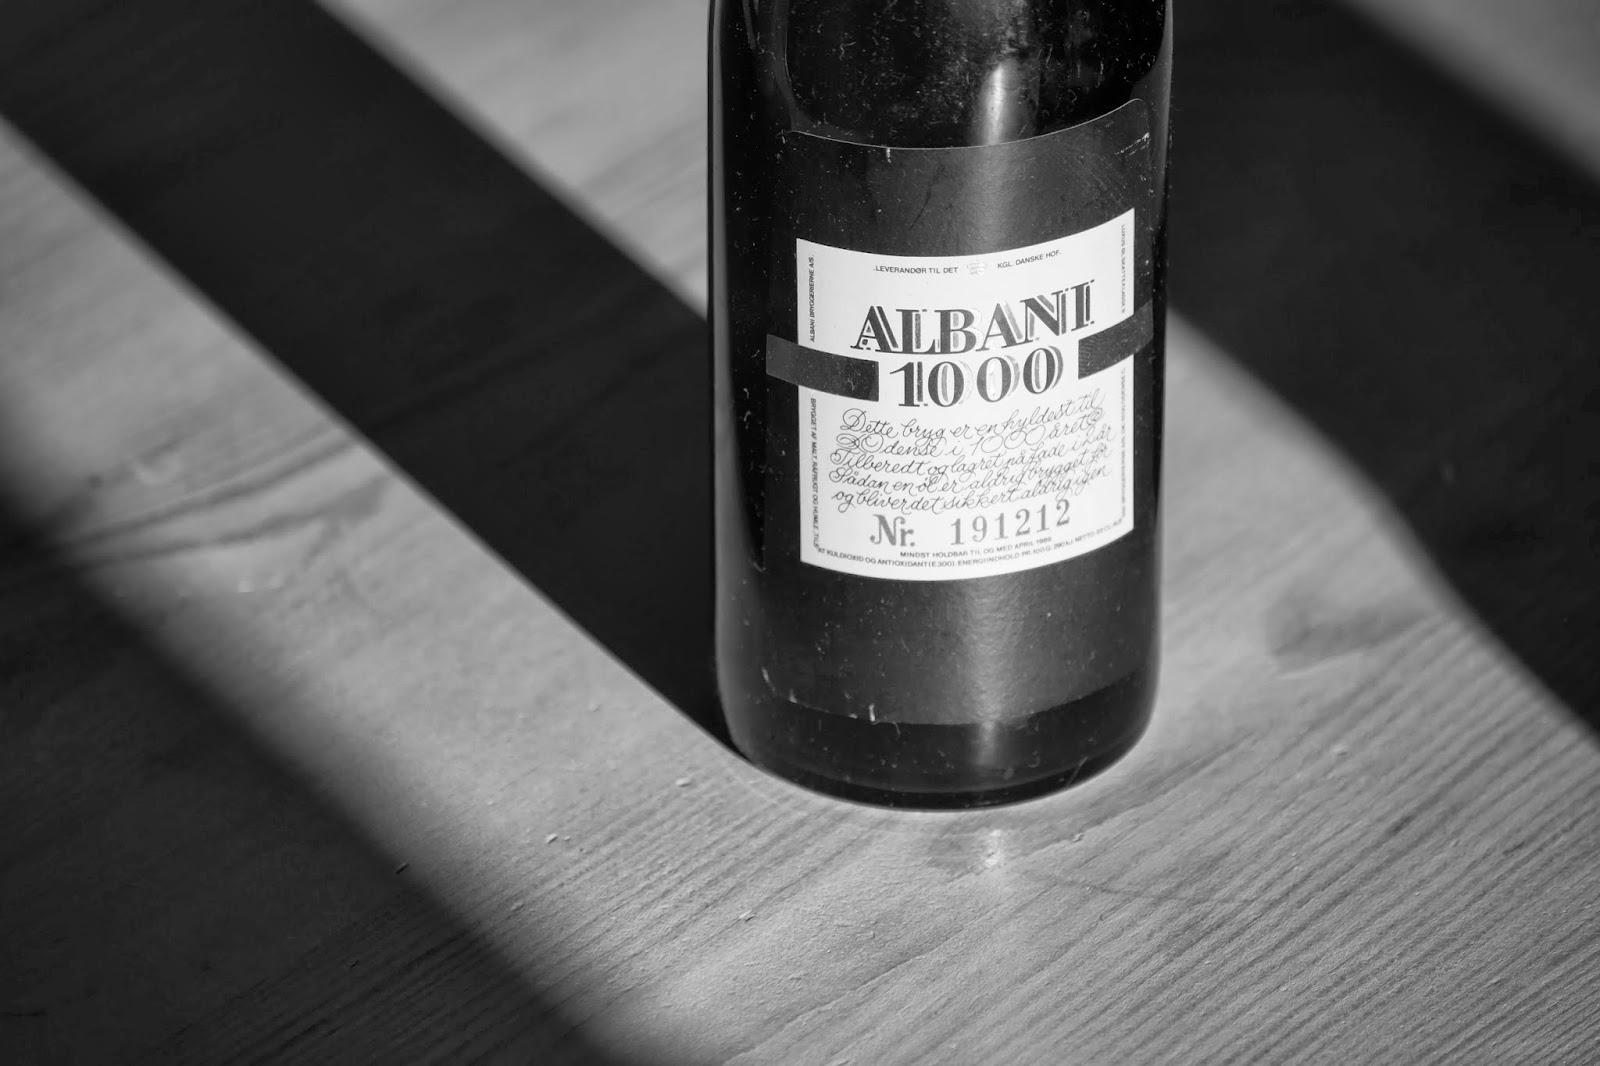 albani 1000 års øl